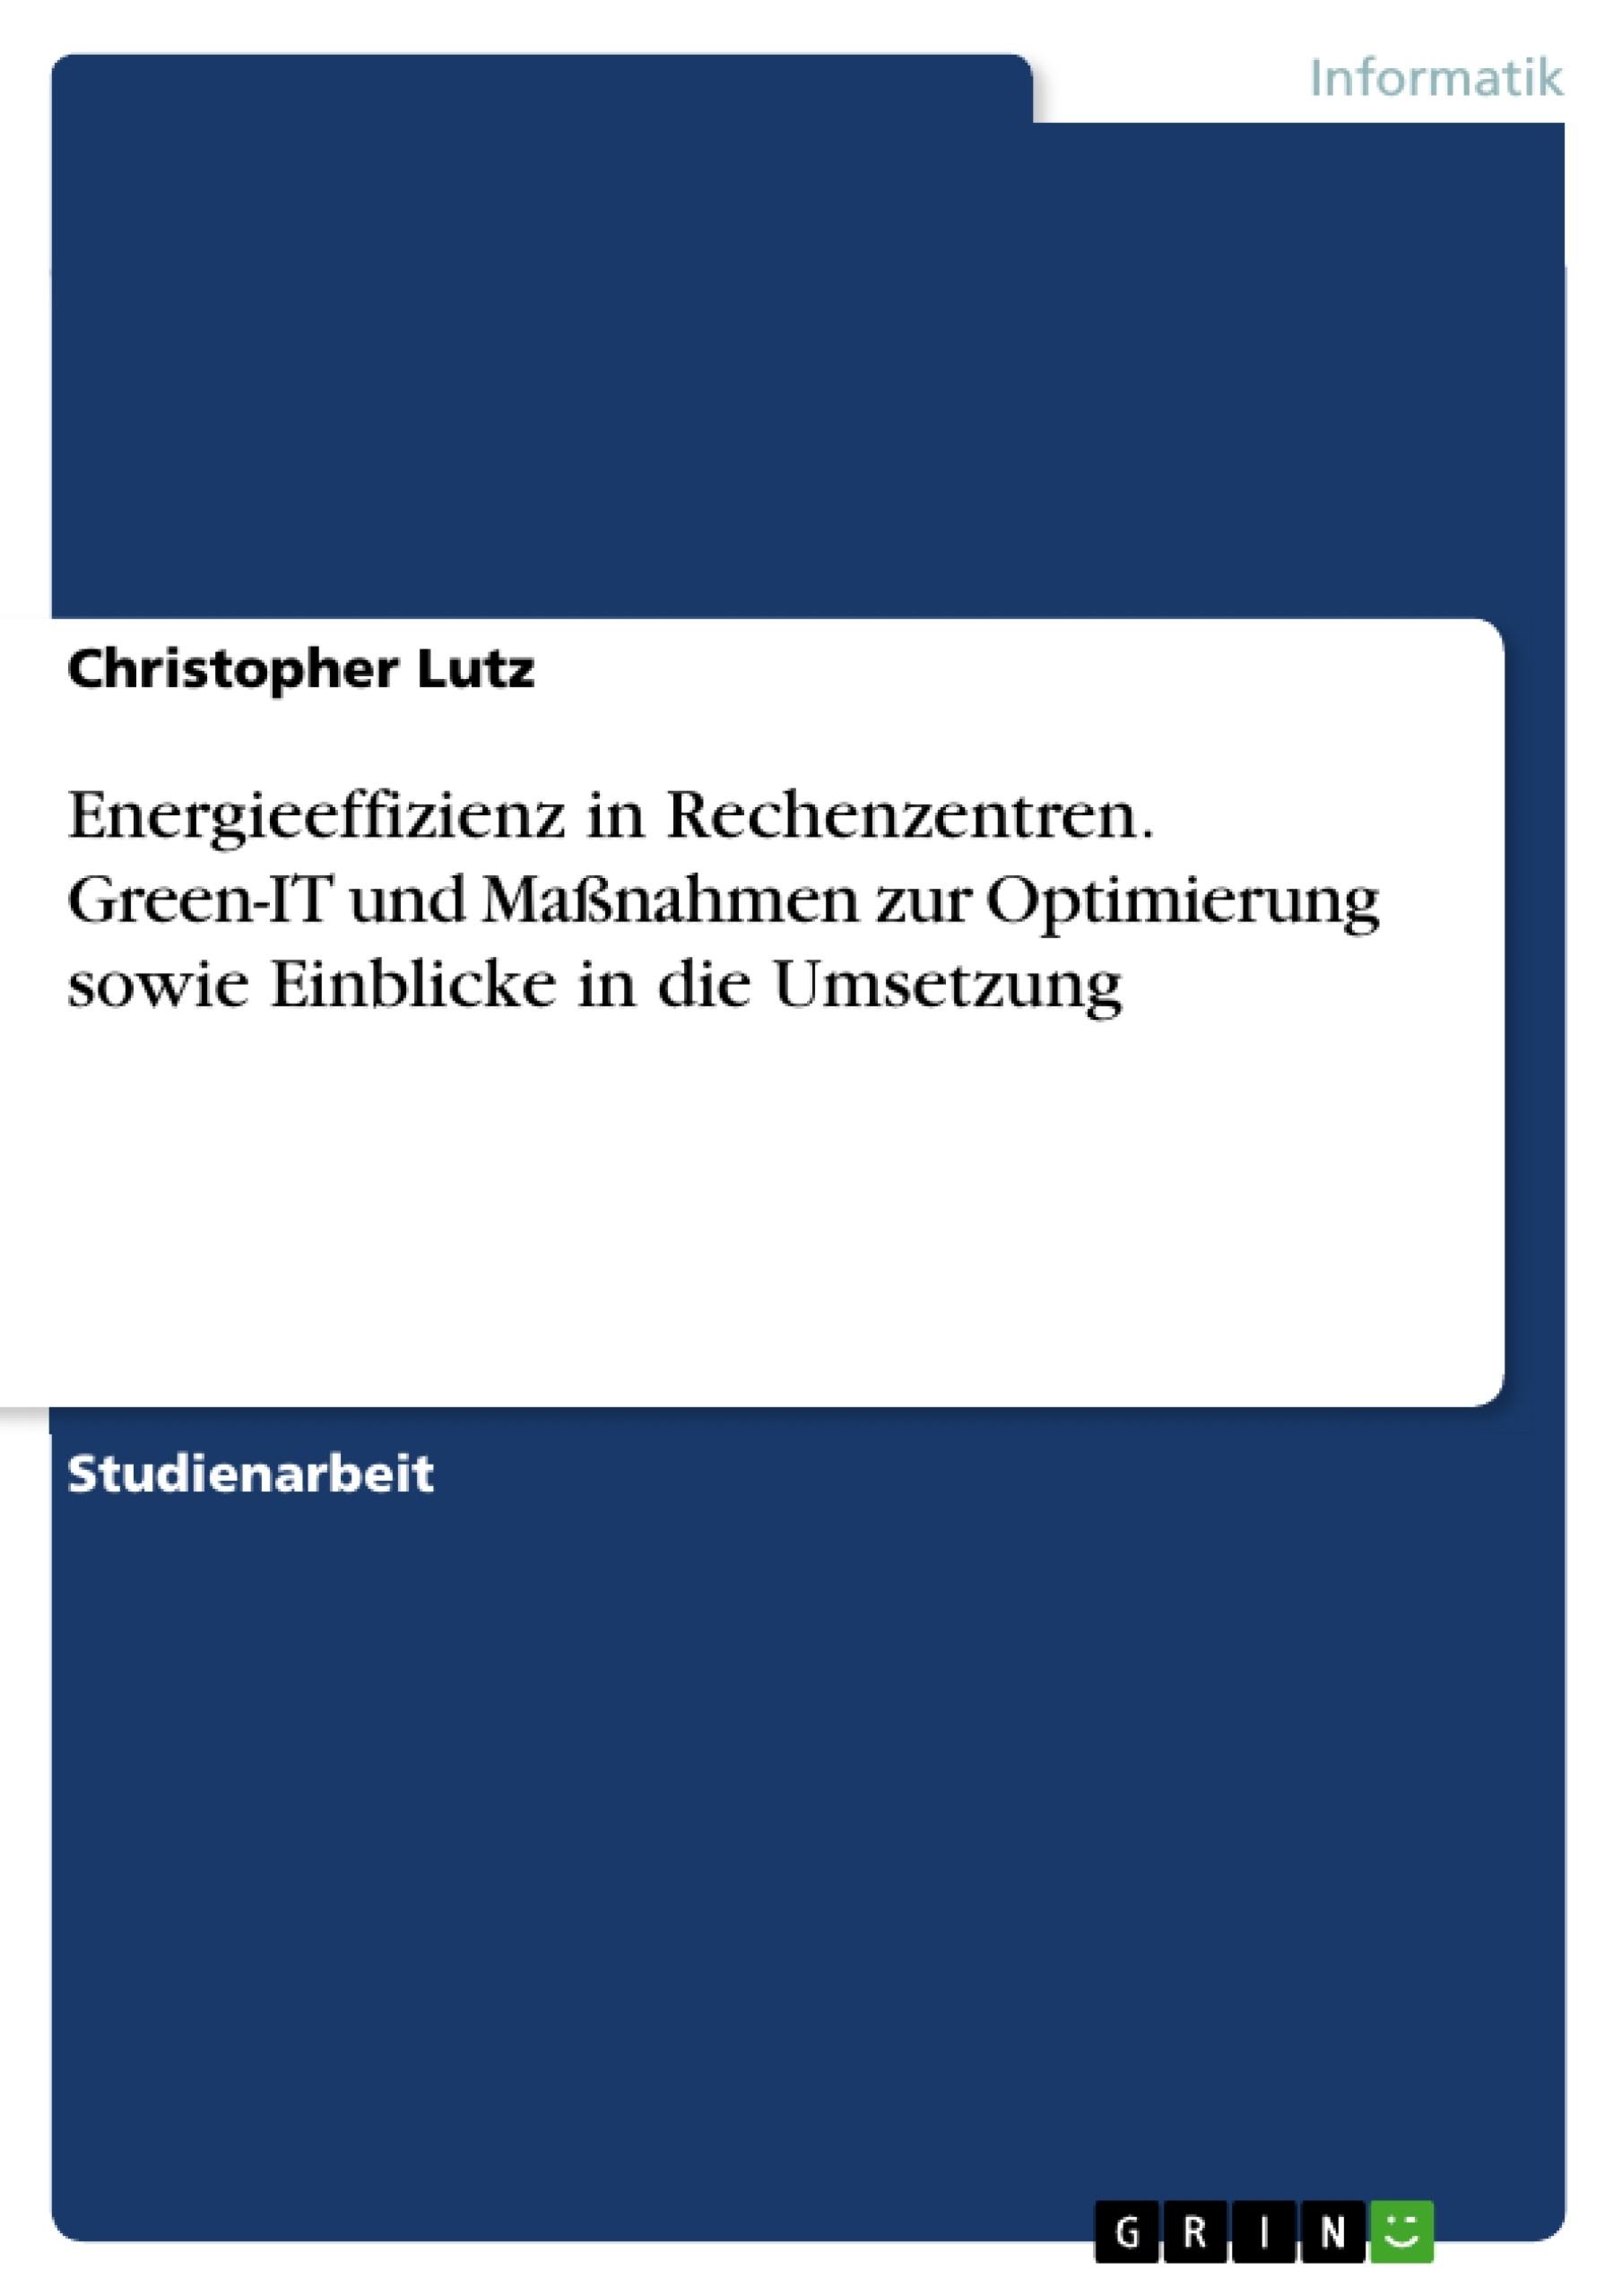 Titel: Energieeffizienz in Rechenzentren. Green-IT und Maßnahmen zur Optimierung sowie Einblicke in die Umsetzung